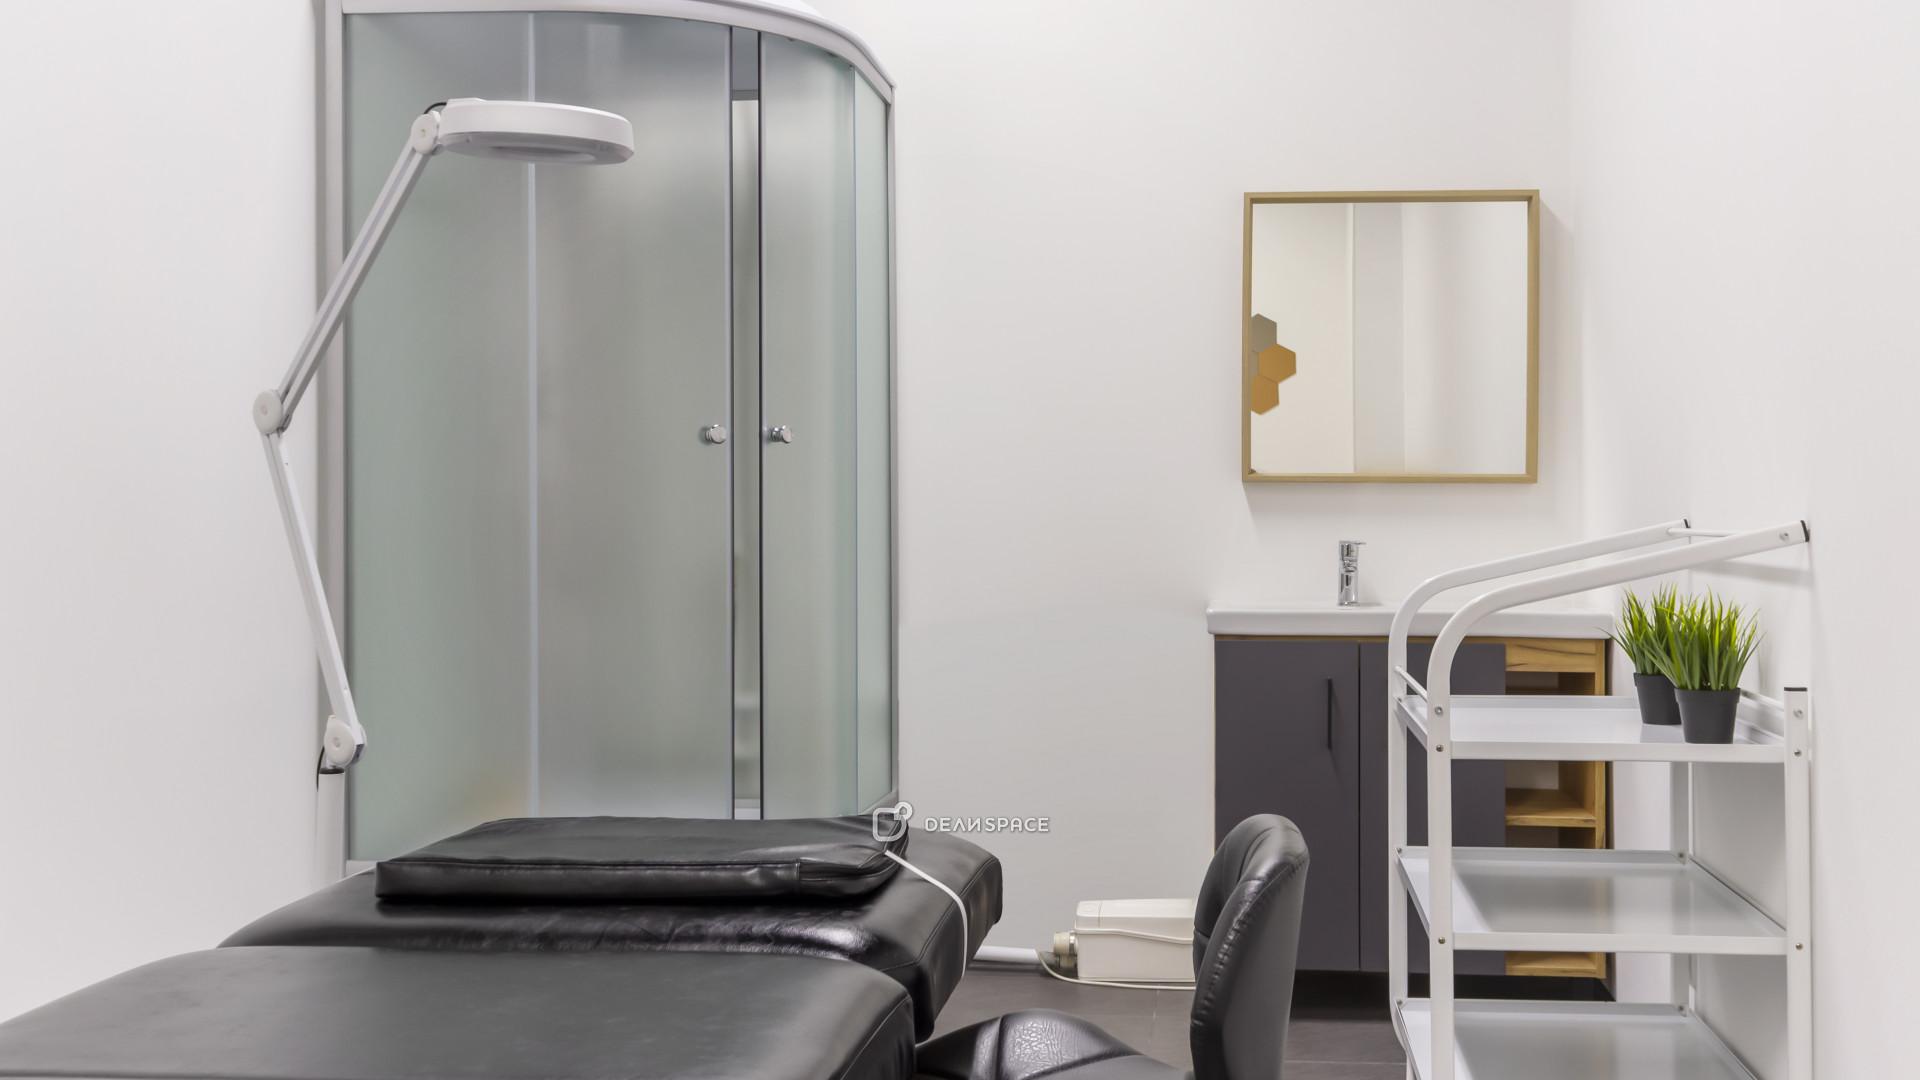 Кабинет для массажа, обертываний, SPA процедур